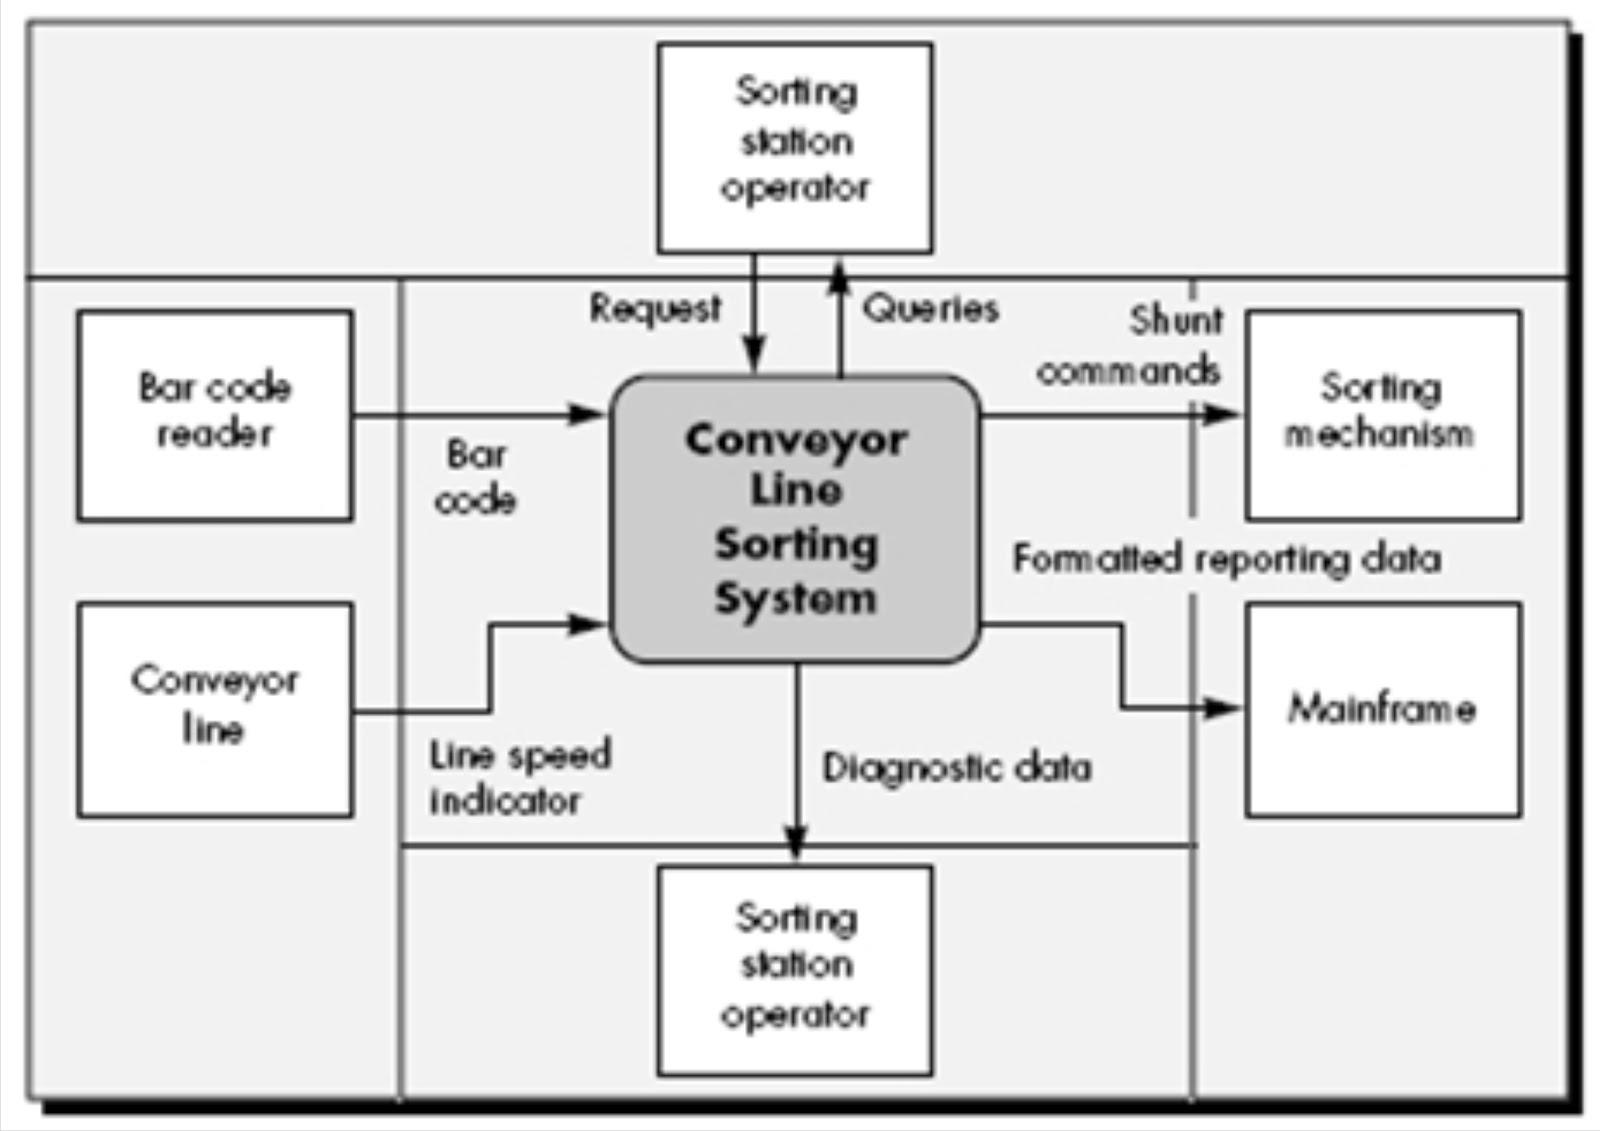 Bacaan bermanfaat rekayasa perangkat lunak bab iii gambar 34 diagram konteks arsitektur untuk sistem pengurutan pembawa barang pada bidang manufaktur ccuart Image collections